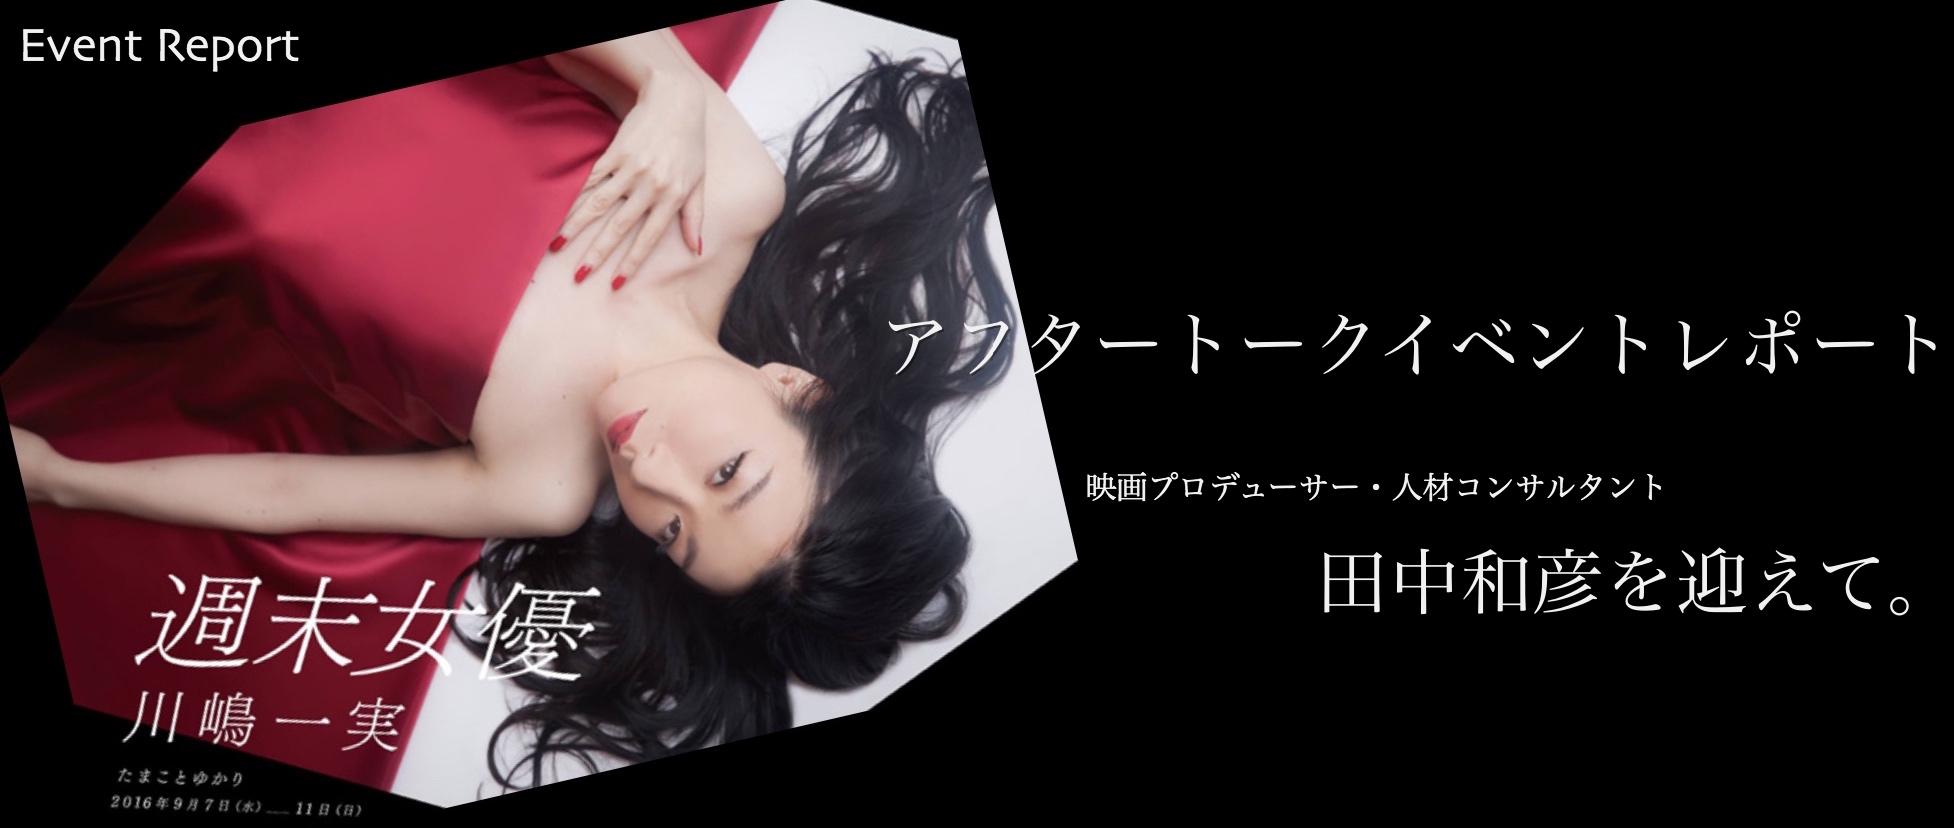 週末女優vol.1『たまことゆかり』アフタートークイベントレポート